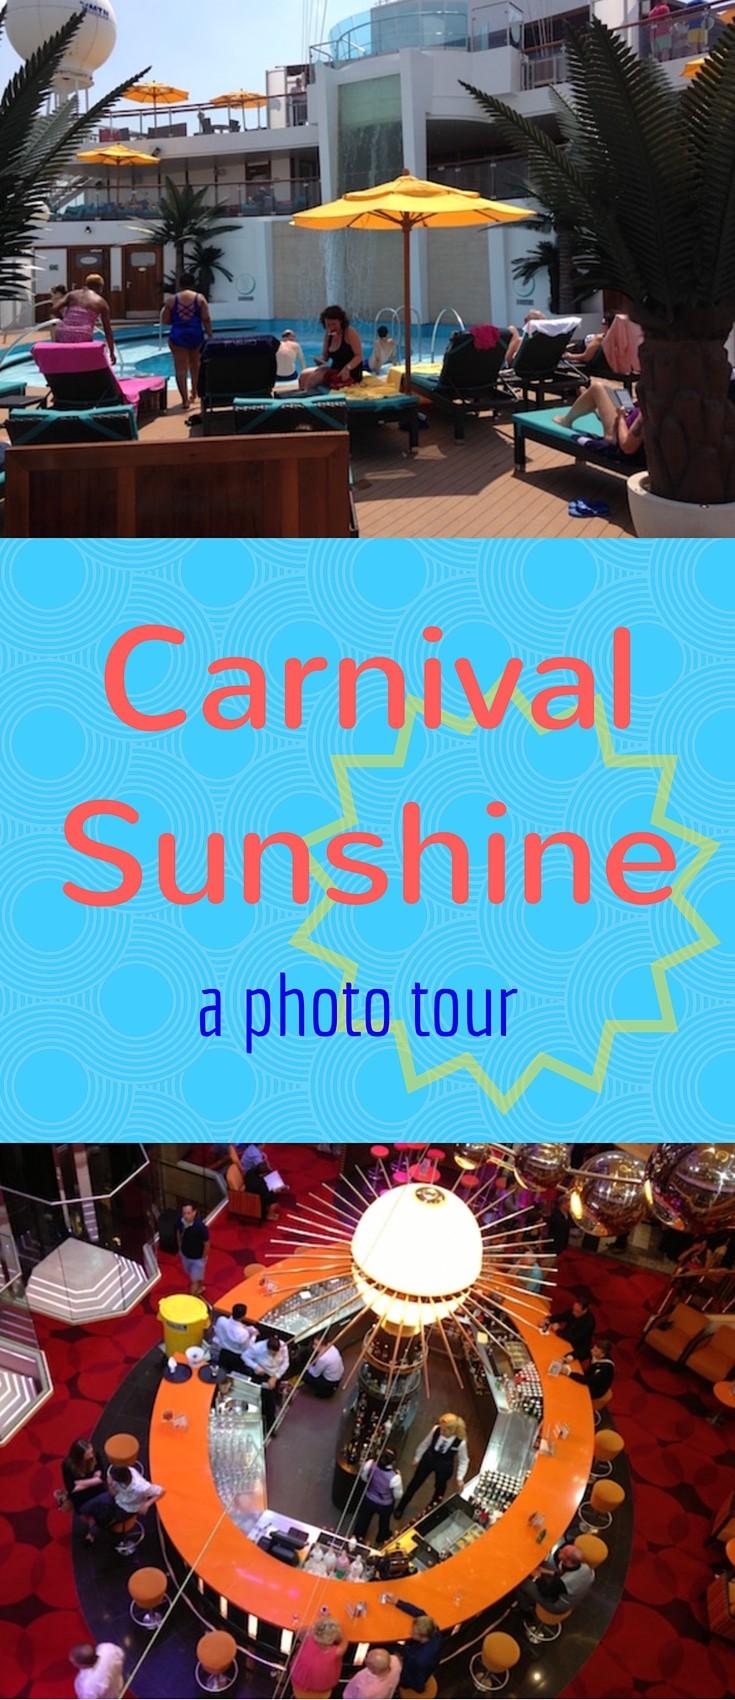 #carnival #sunshine #cruise #ship #photo